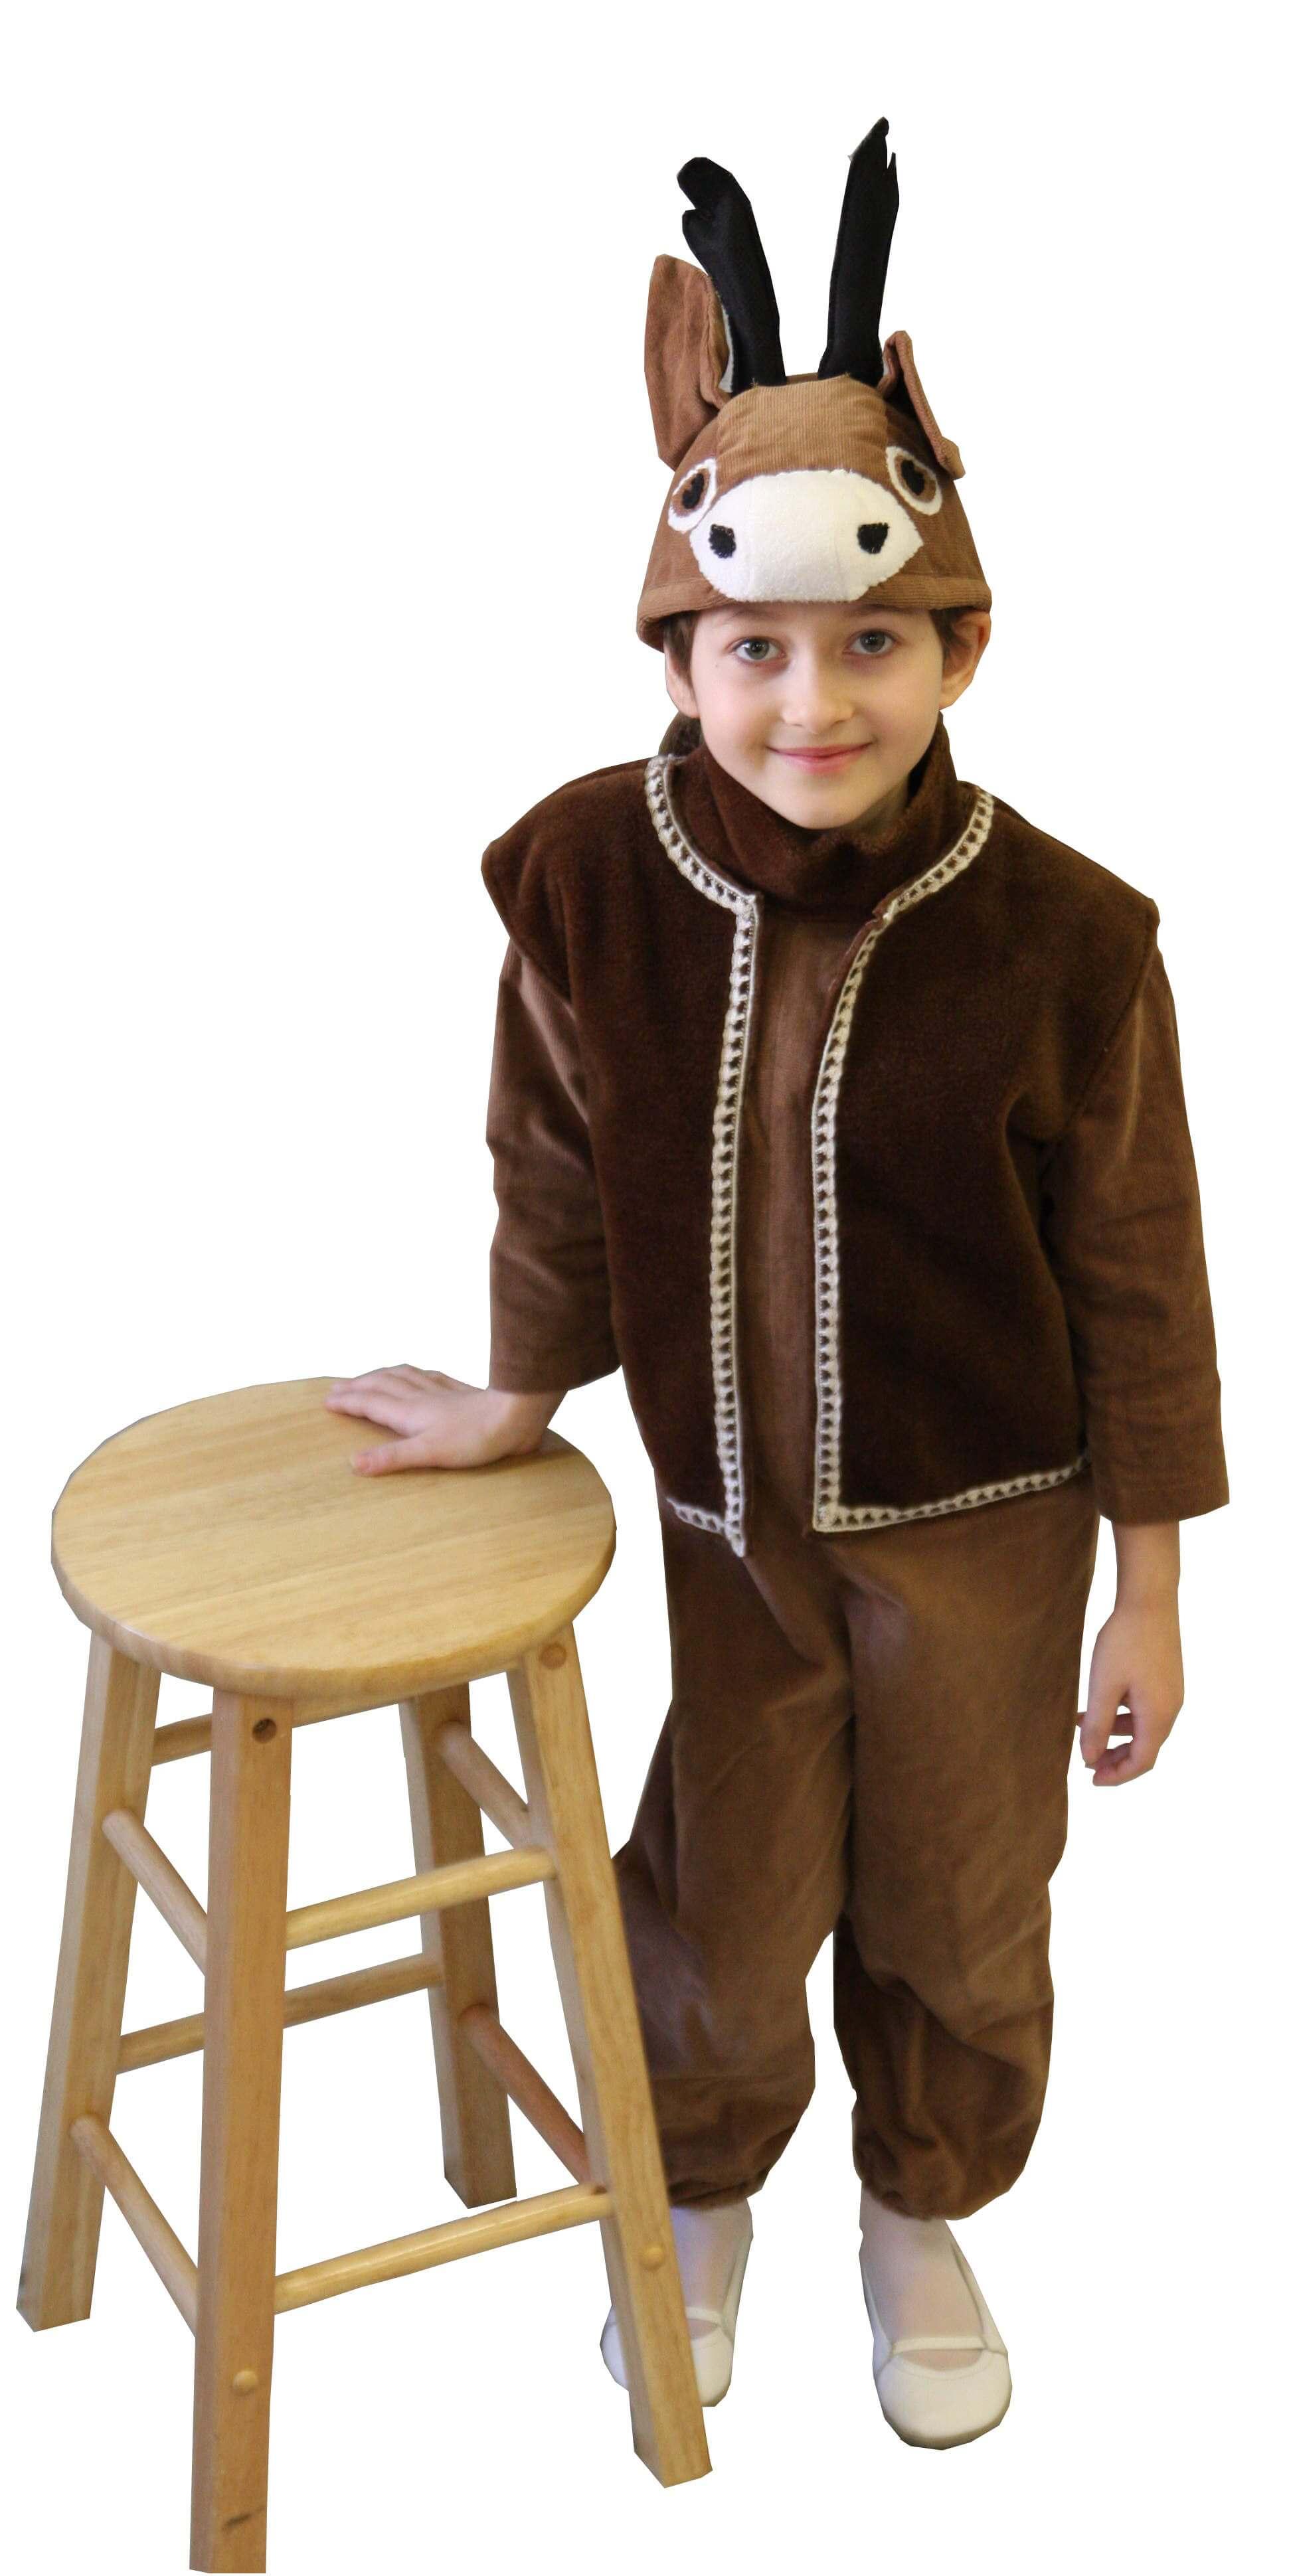 Stirniuko kostiumas. Gyvunų karnavaliniai kostiumai. Karnavaliniu kostiumu nuoma vaikams Vilniuje - pasakunamai.lt